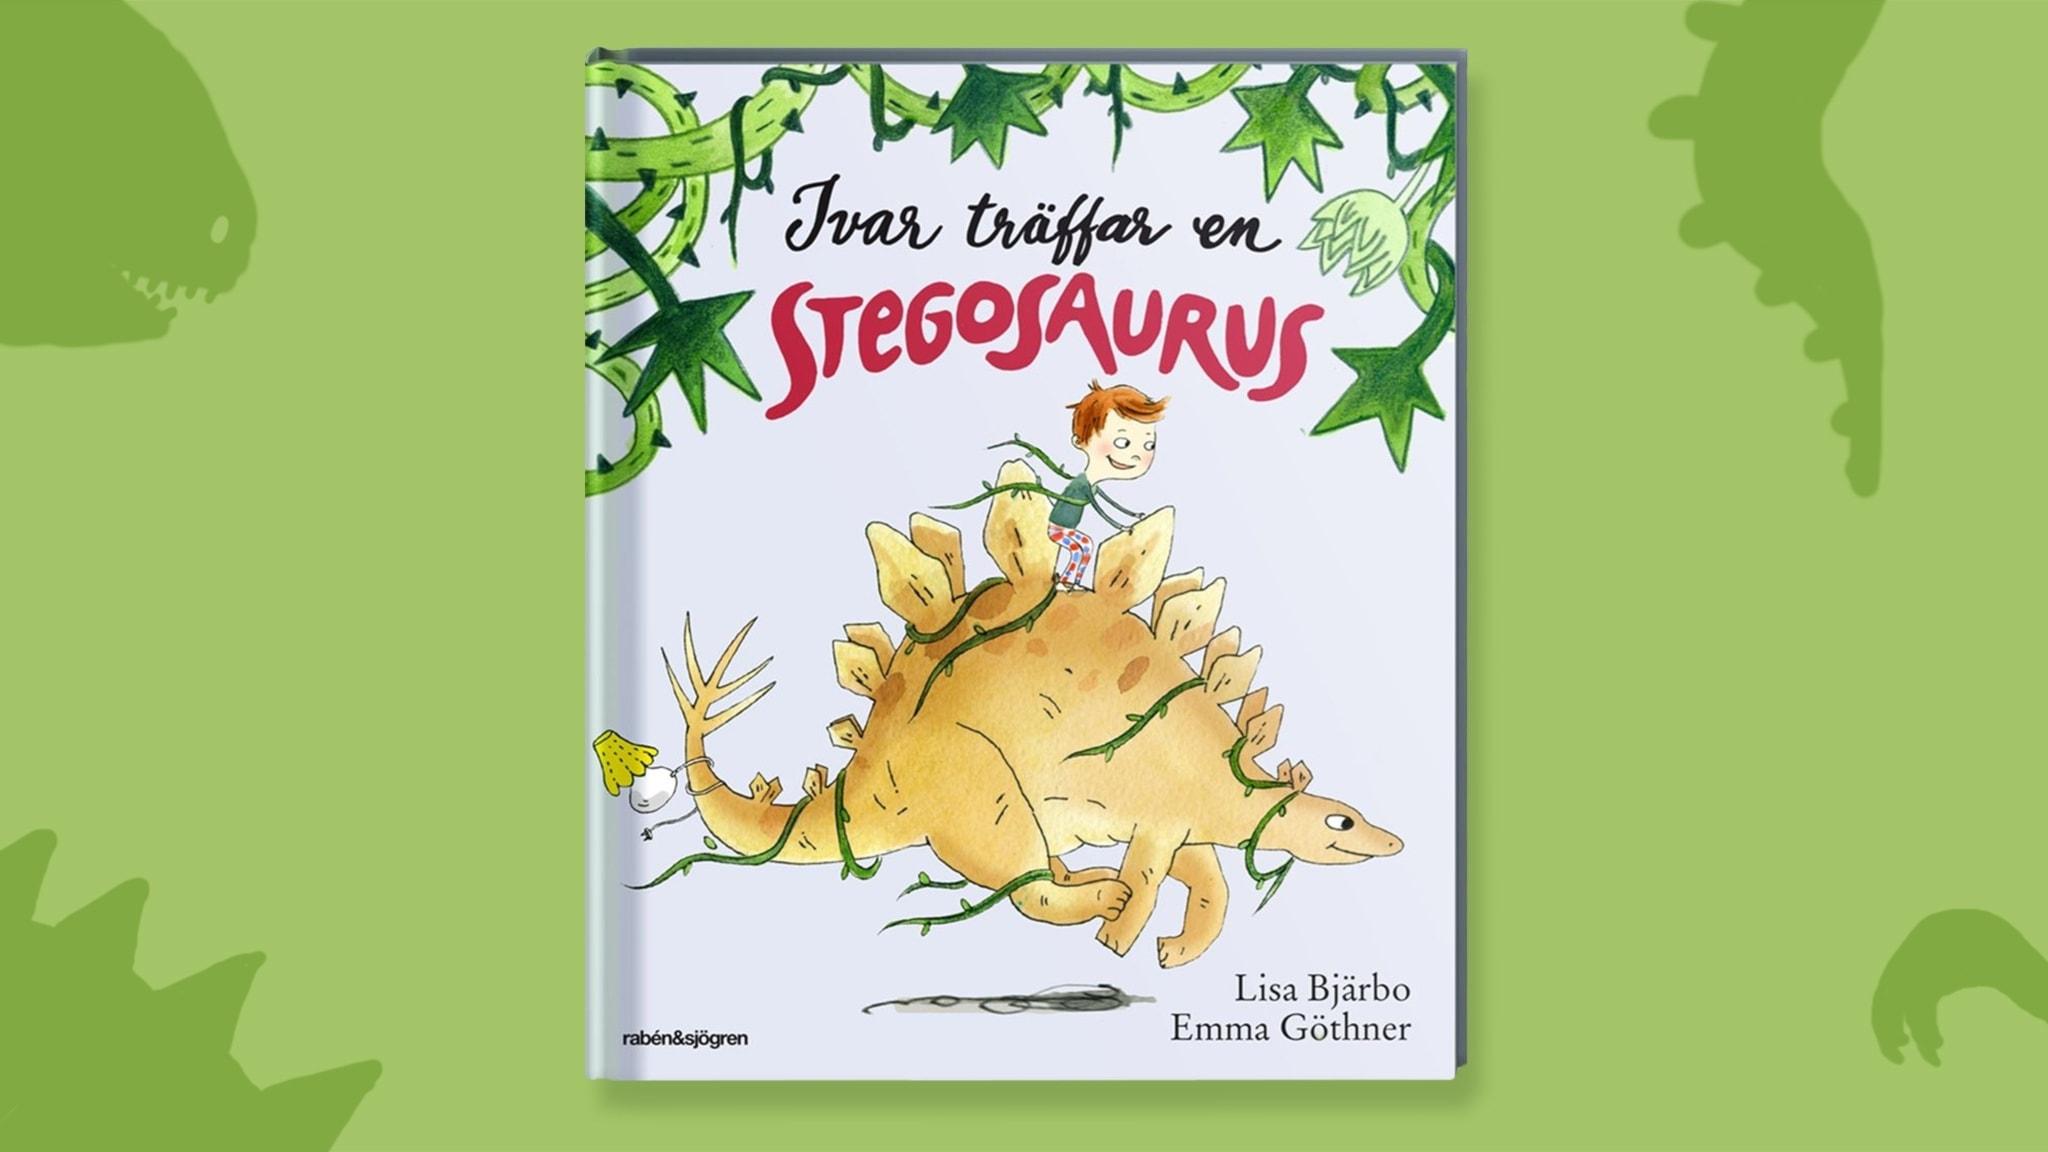 Saga: Ivar träffar en Stegosaurus